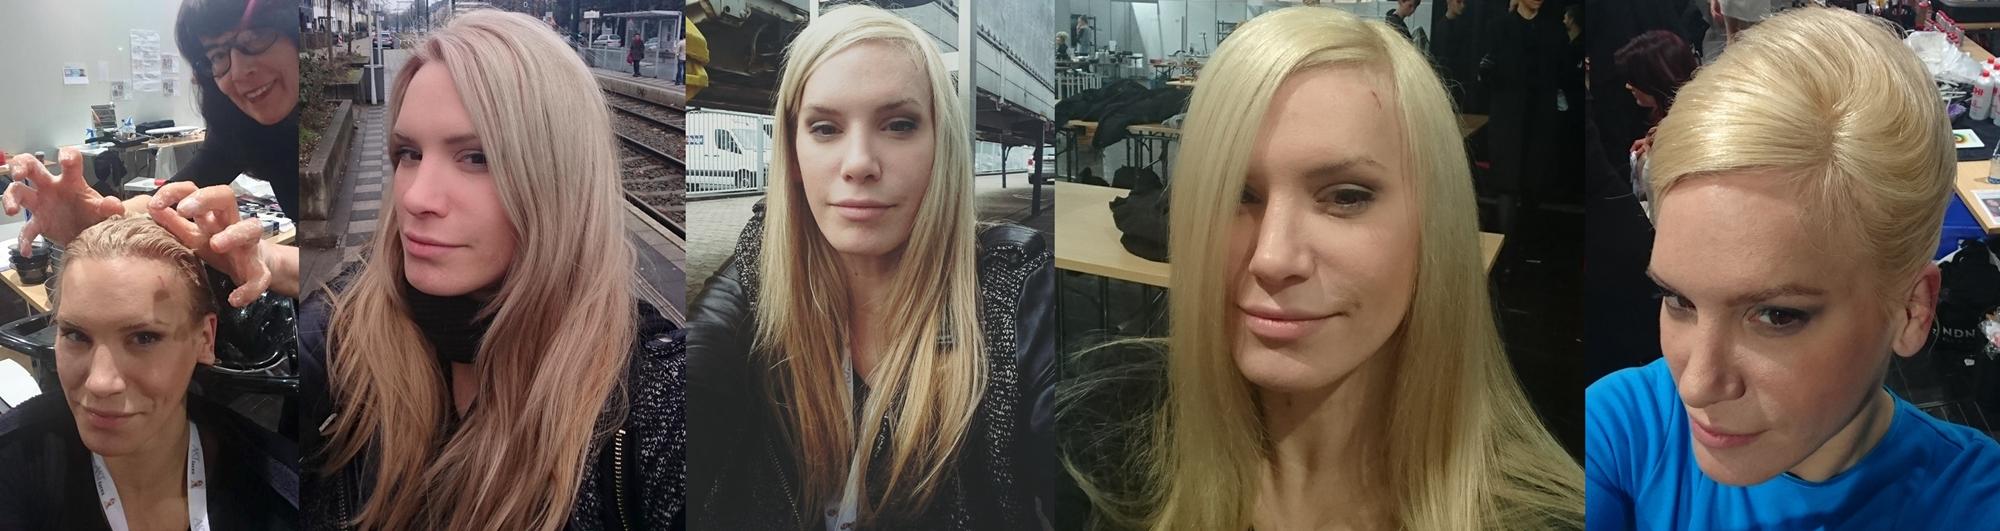 Verlauf in vier Tagen Haarmodeljob auf der Top-Hair